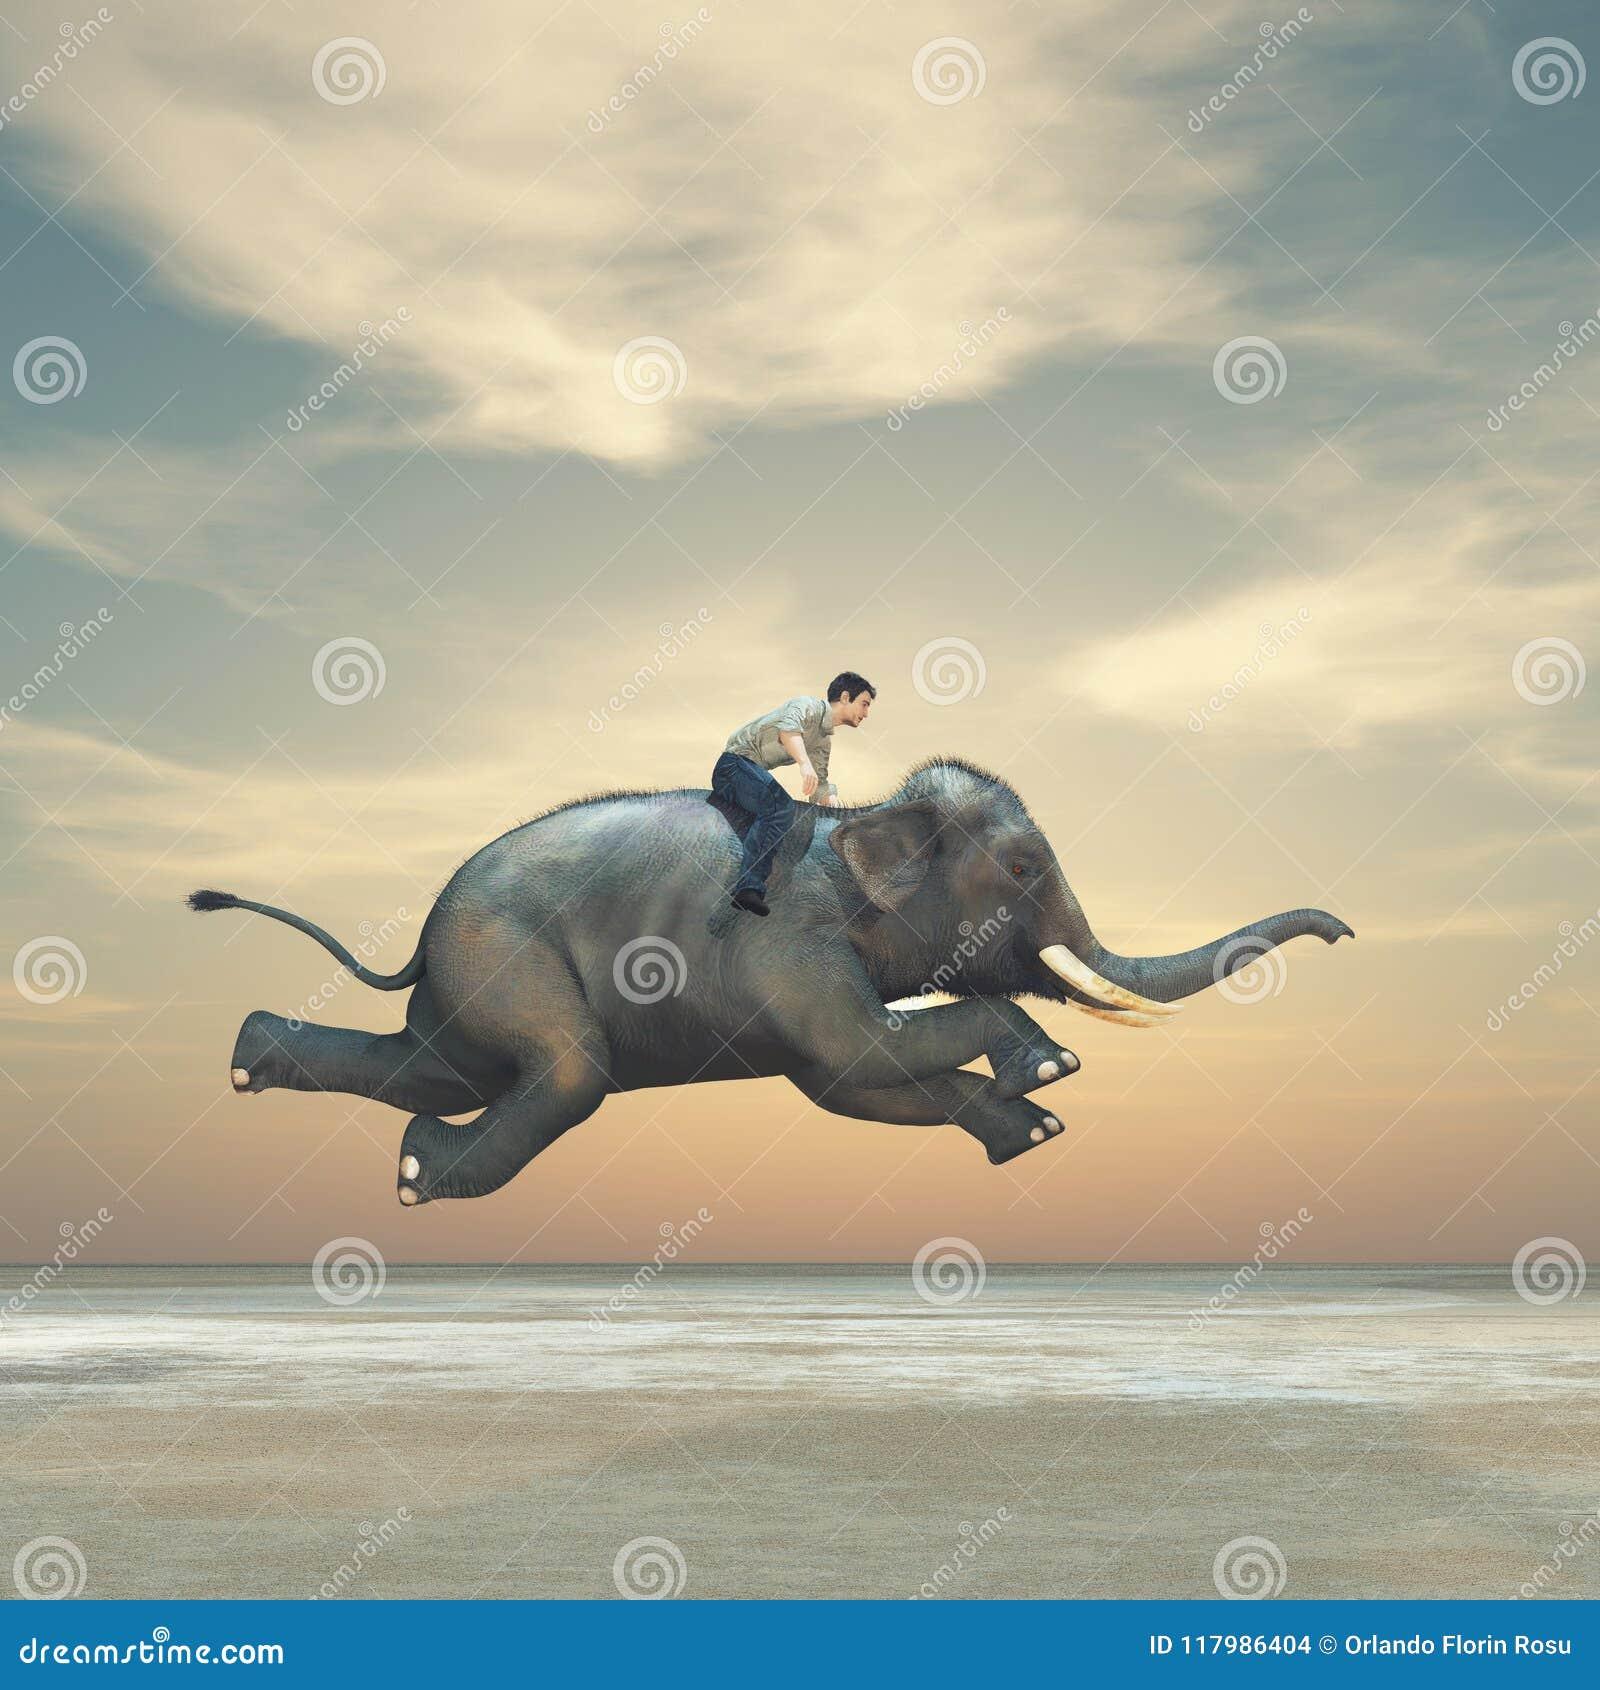 Immagine surreale di un uomo che guida un elefante